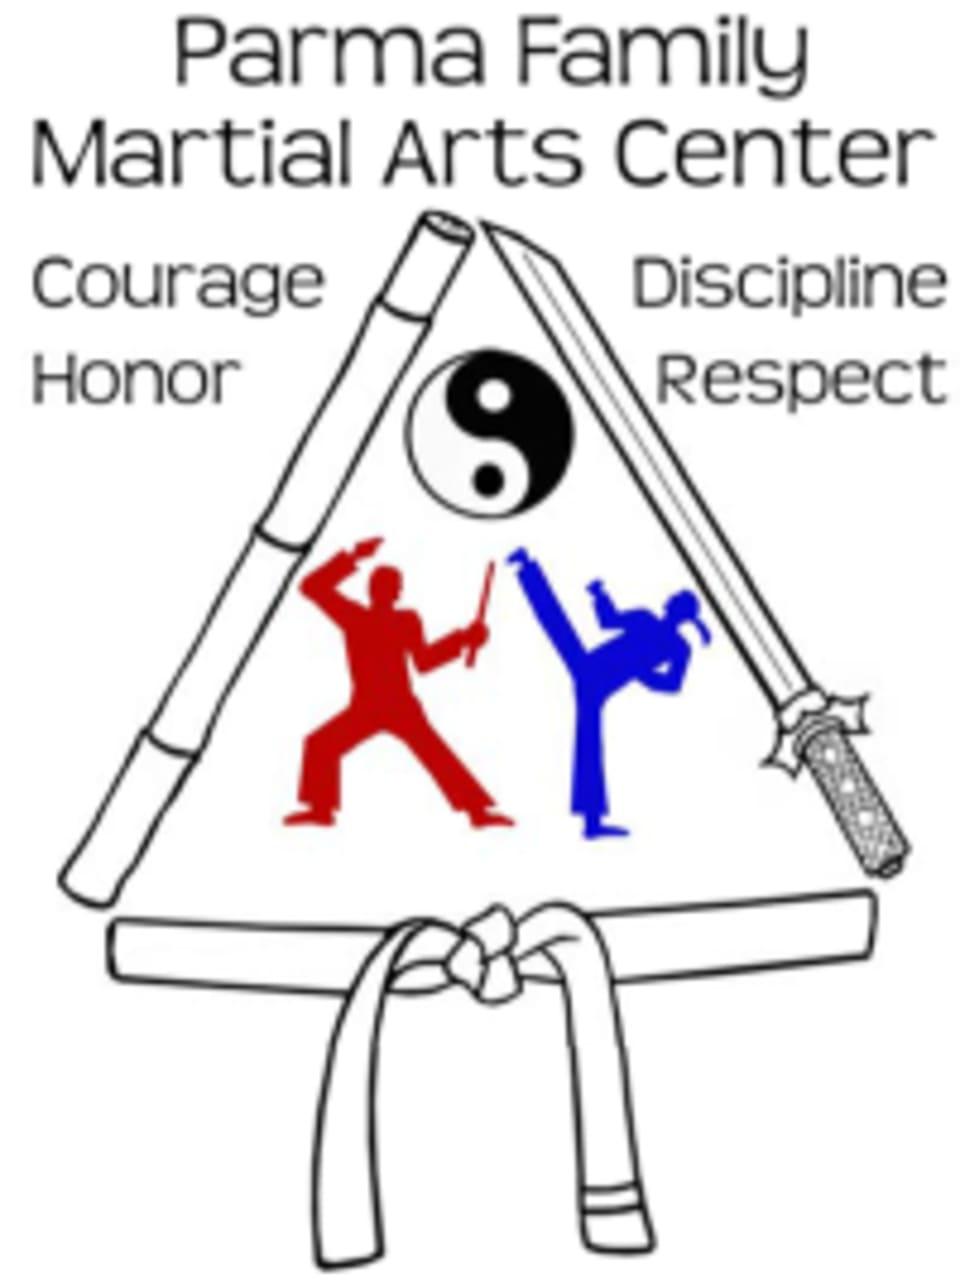 Parma Family Martial Arts Center logo